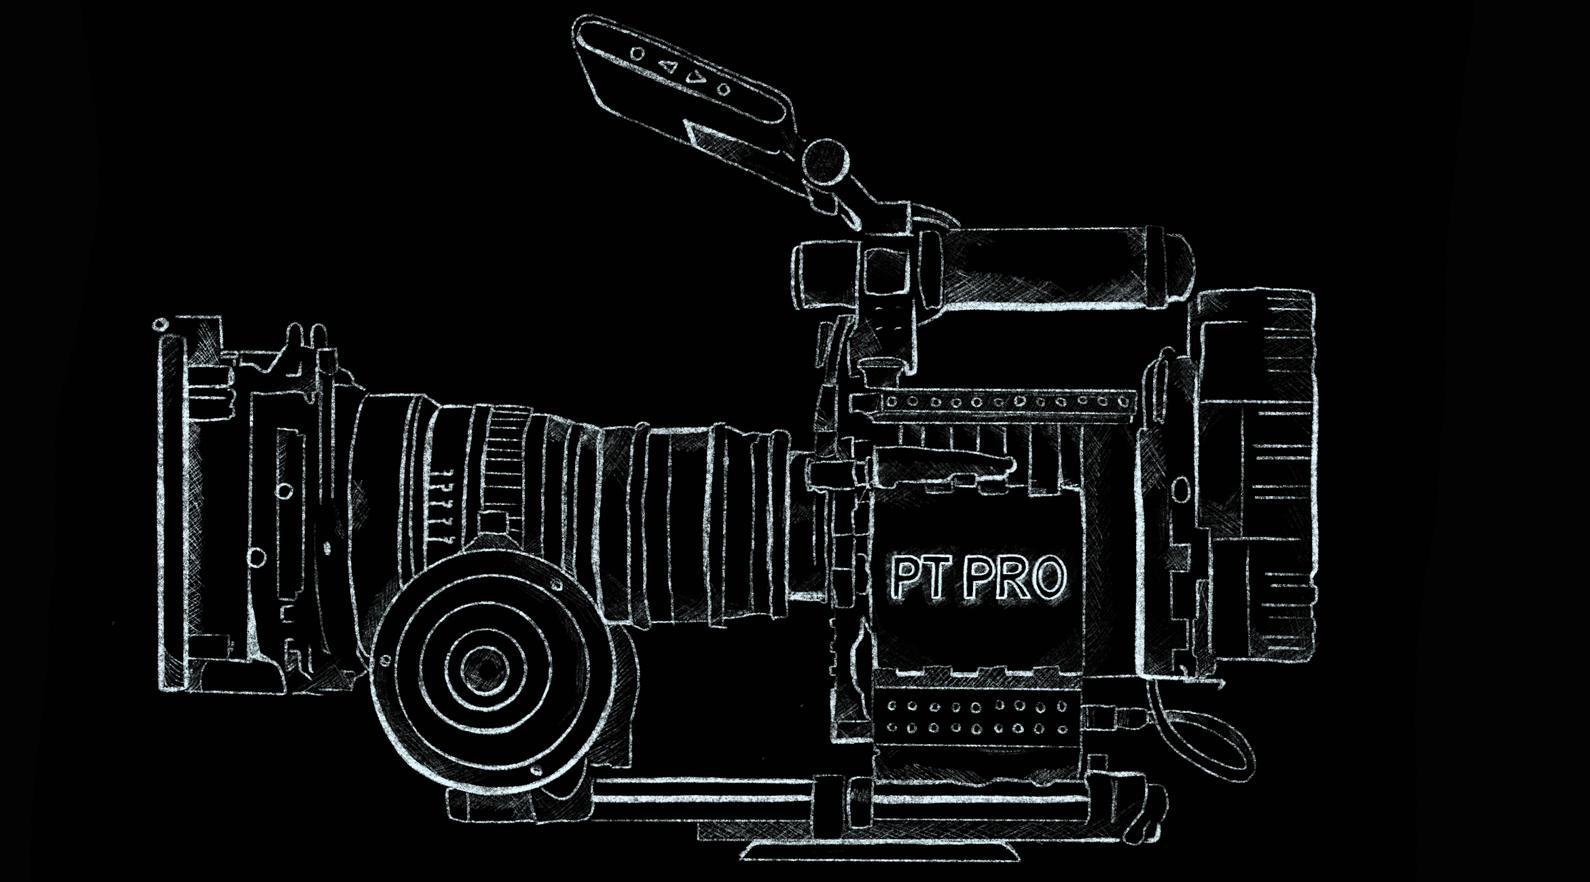 PT PRO camera logo illustration